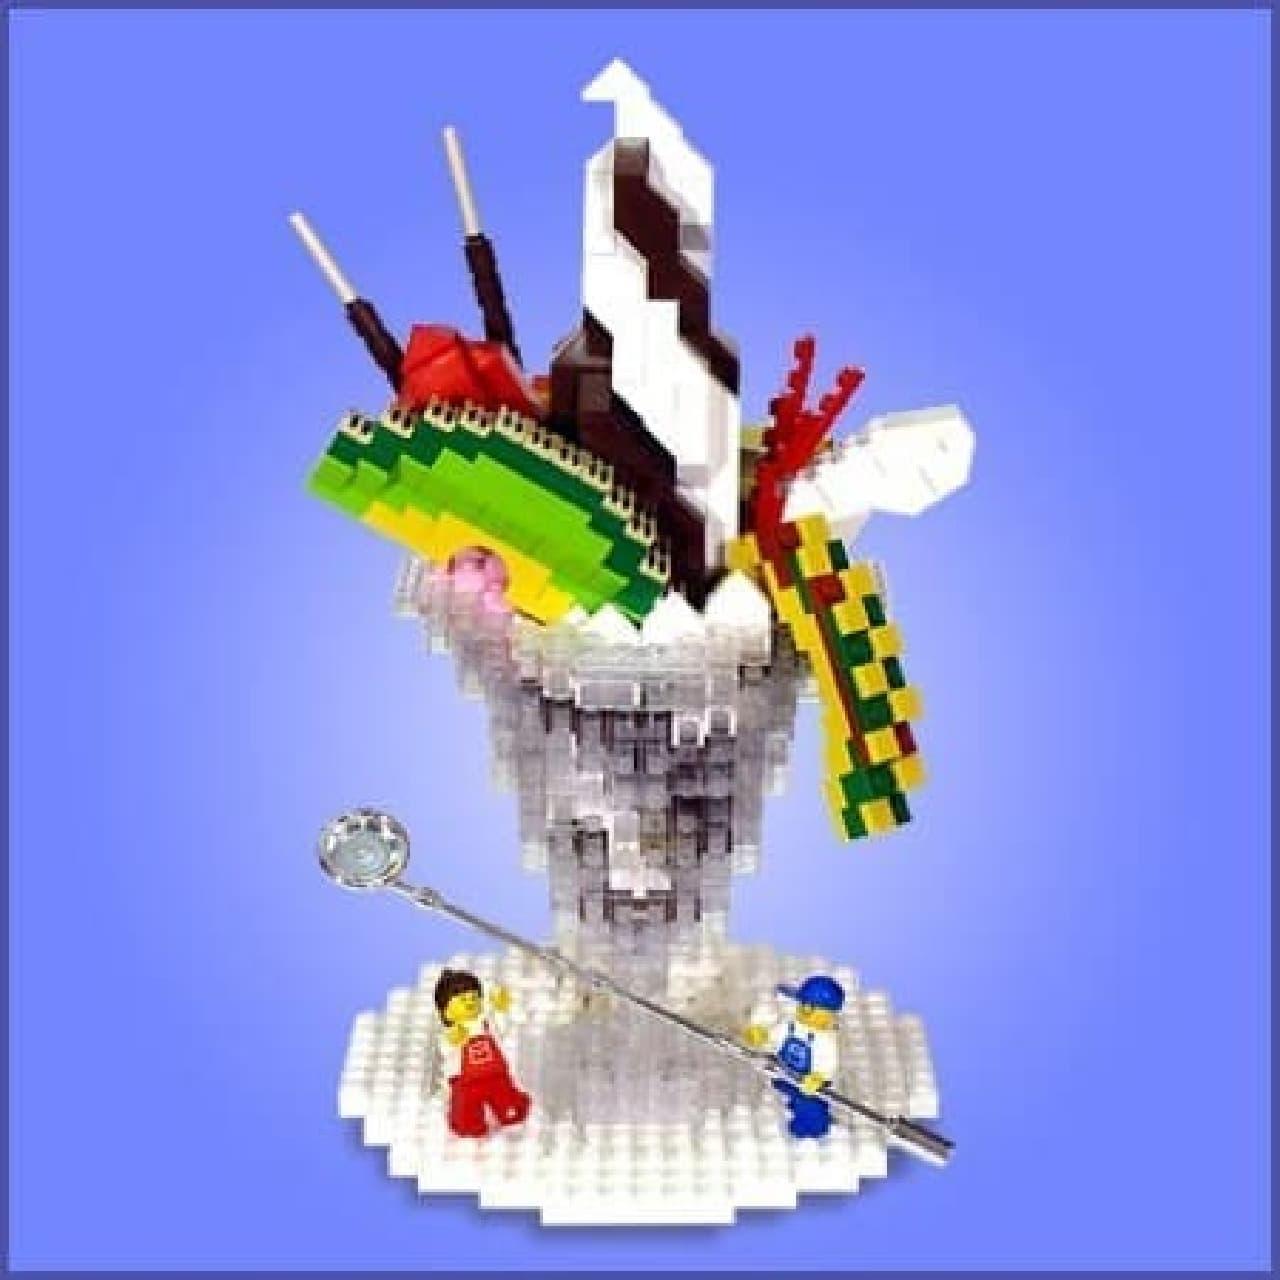 食後にレゴパフェはいかが?  (出典:Let's LEGO)